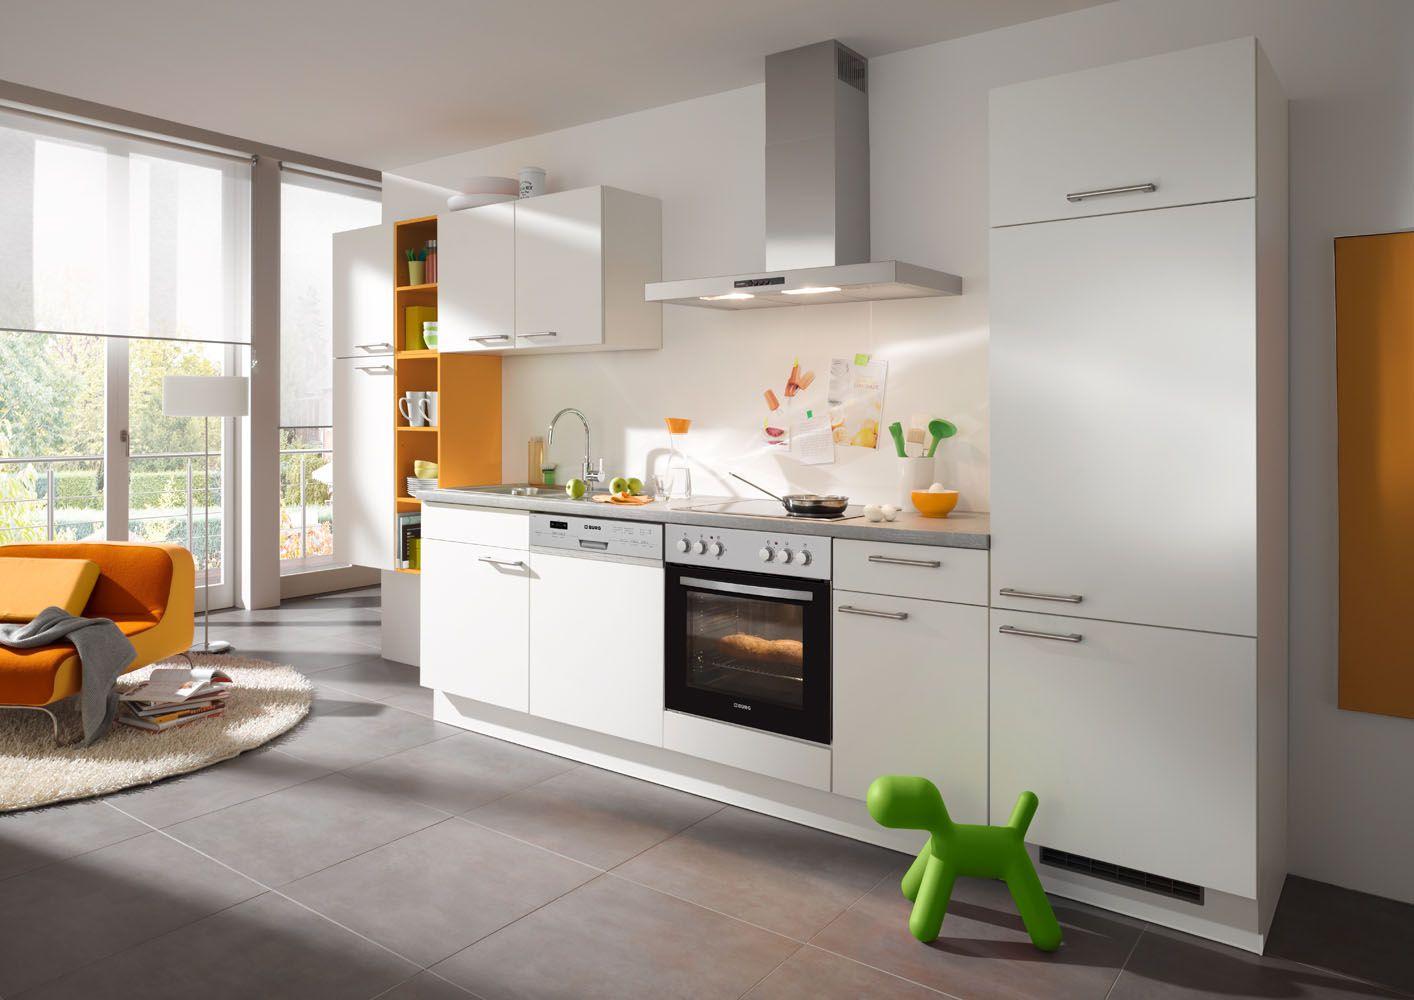 Kuchenzeilen Von Kuchen Hansen Aus Nordfriesland Schleswig Holstein Kitchen Kitchen Cabinets Home Decor